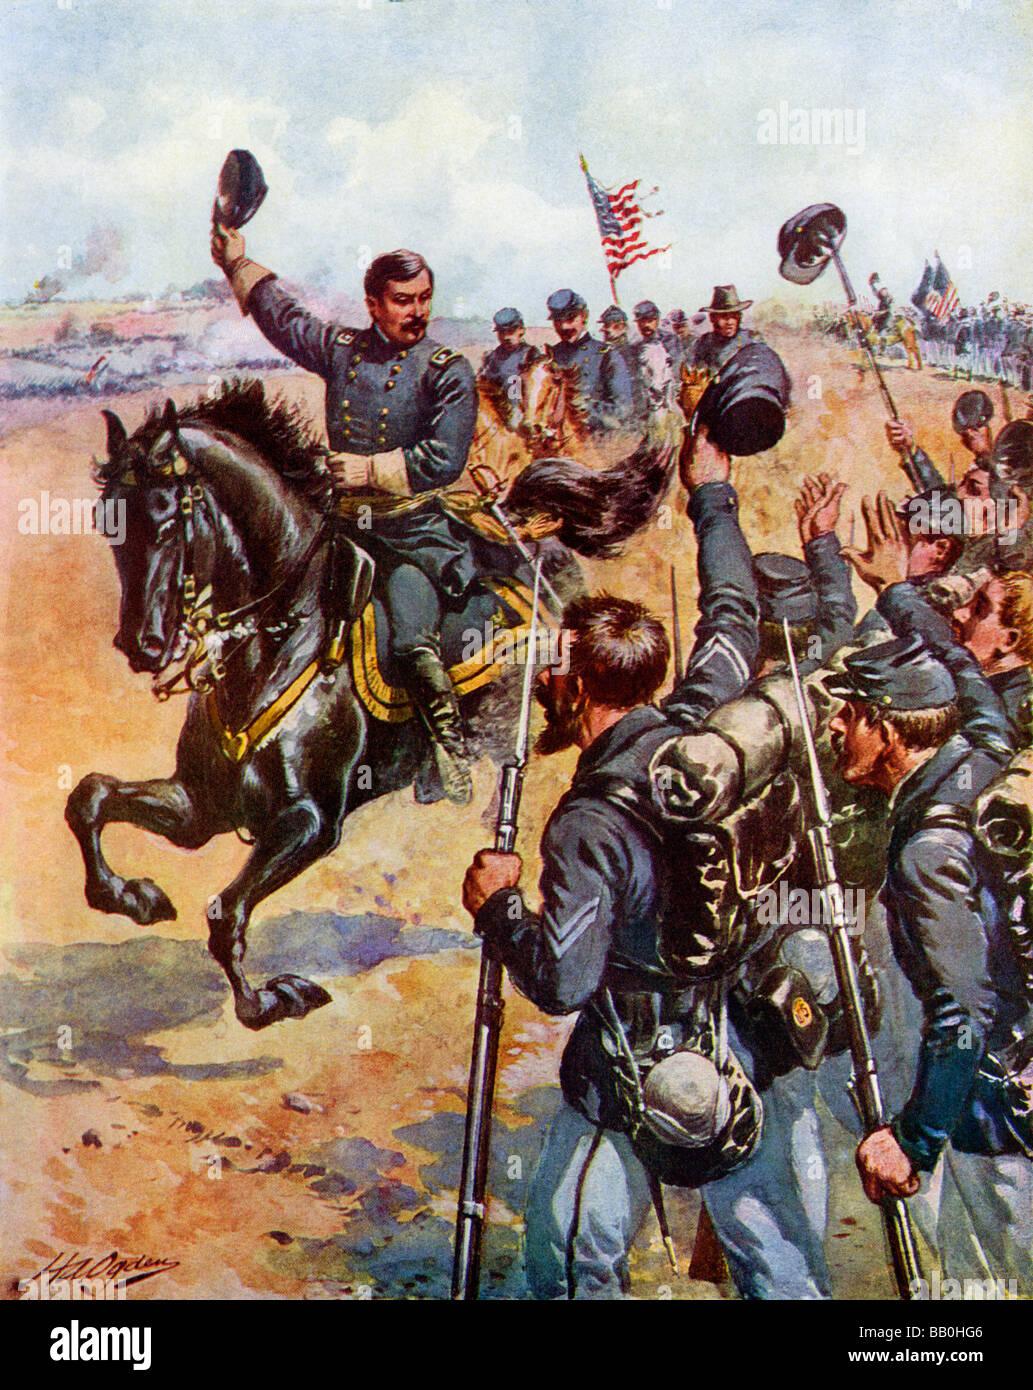 Generale McClellan incoraggiando le truppe dell'Unione in occasione della battaglia di Antietam 1862. Litografia Immagini Stock